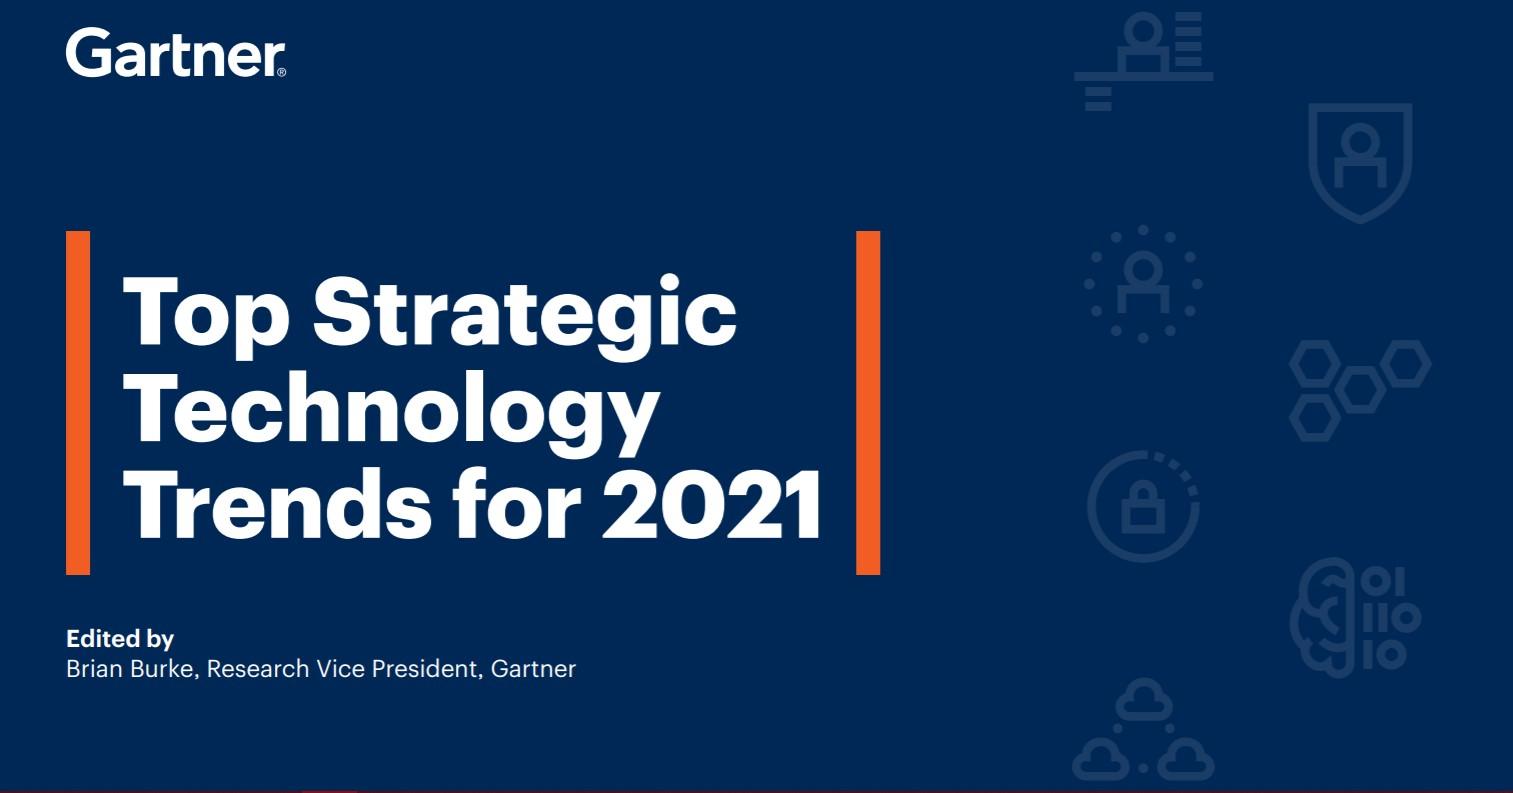 Stratejik Teknoloji Trendleri 2021